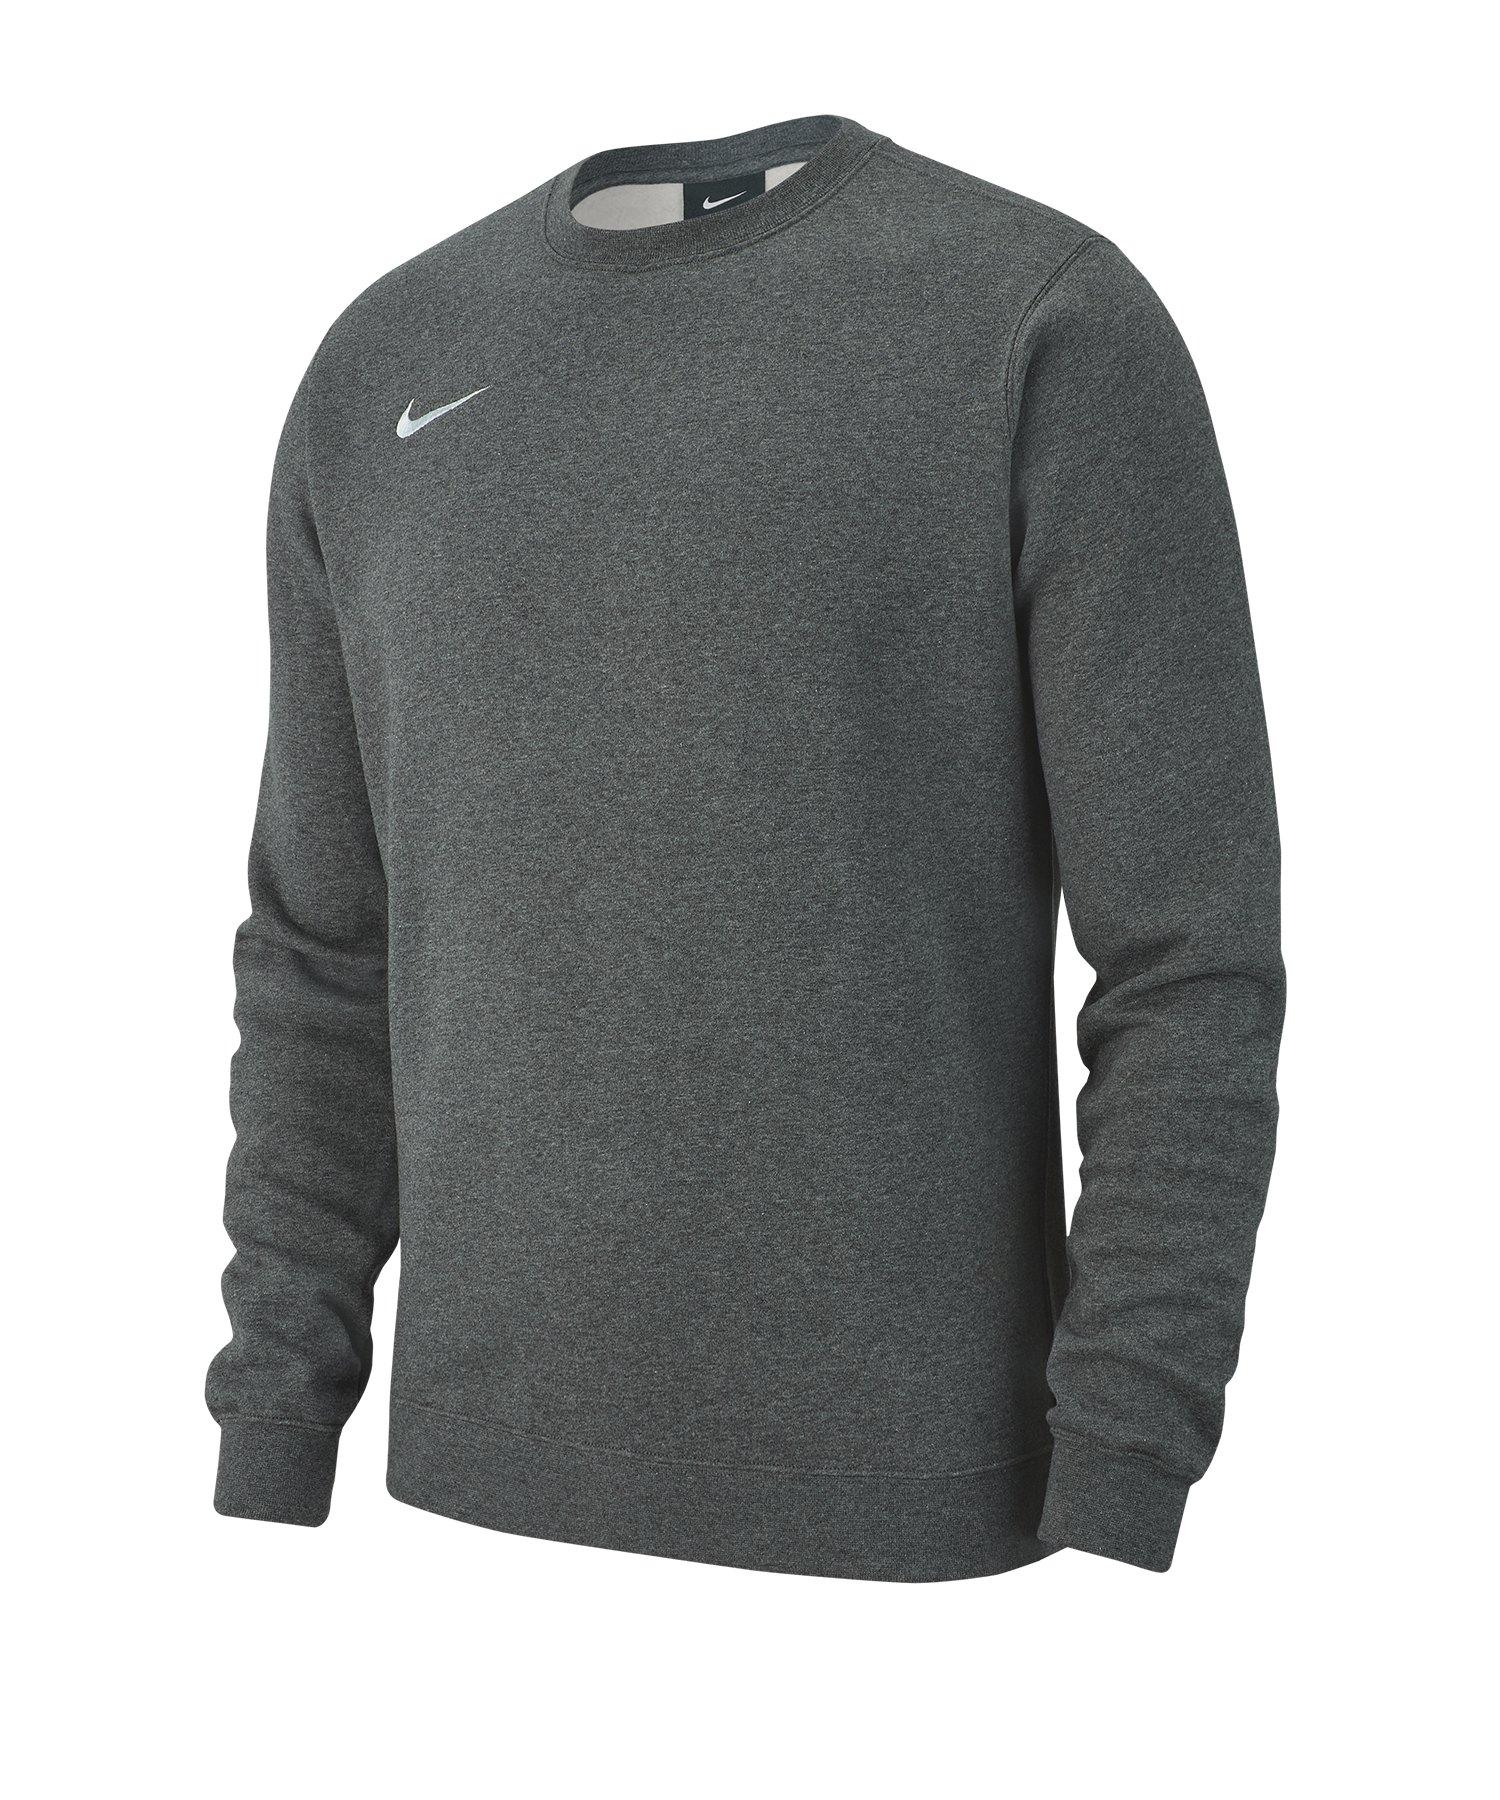 Nike Team Club 19 Fleece Sweatshirt Kids Grau F071 - grau